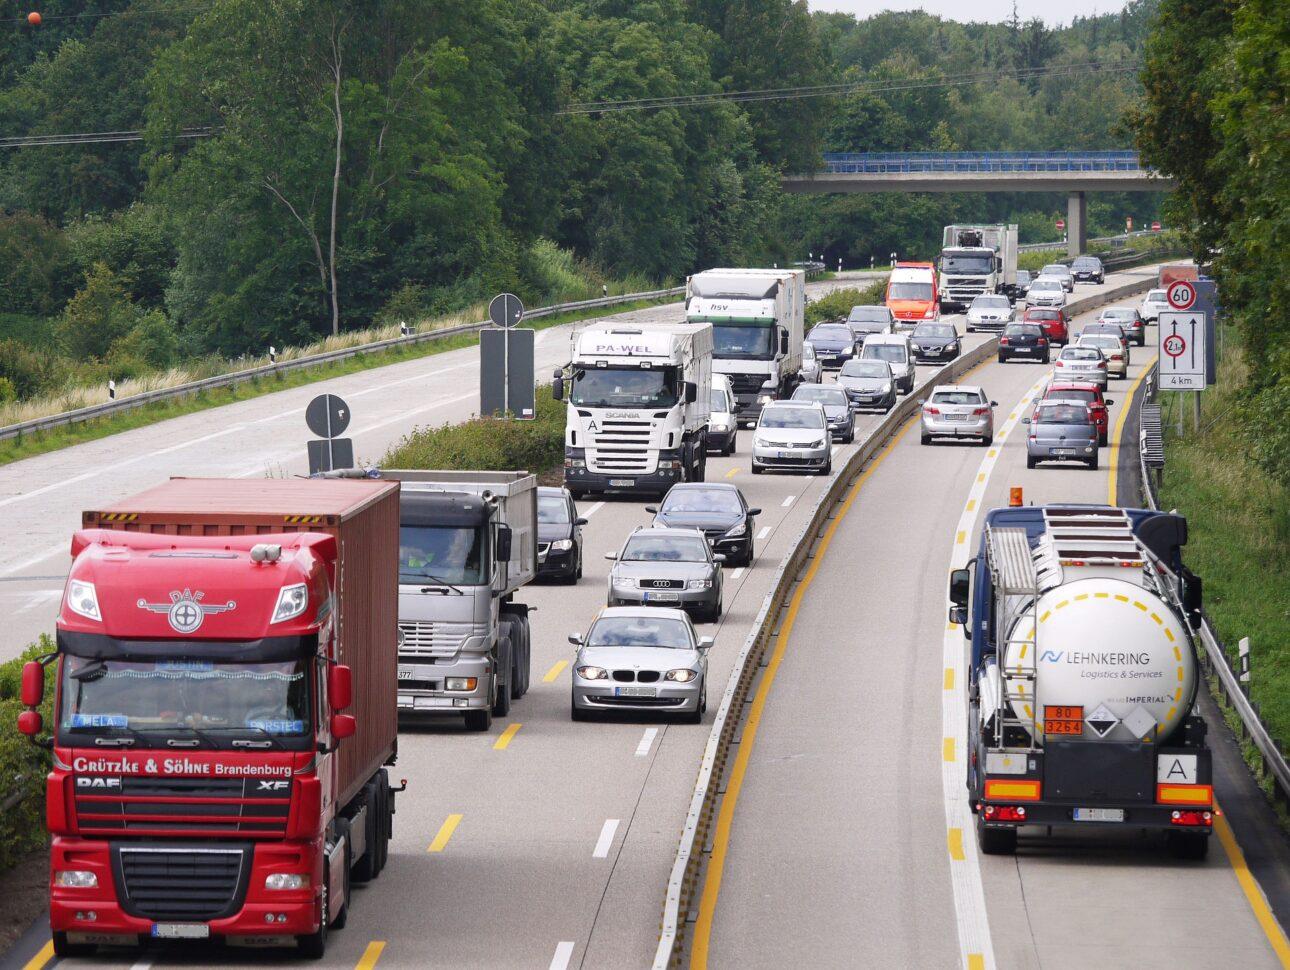 Z niczego, czyli z głowy - tak NSZZ Solidarność ocenia rządowy projekt reformy wynagradzania kierowców